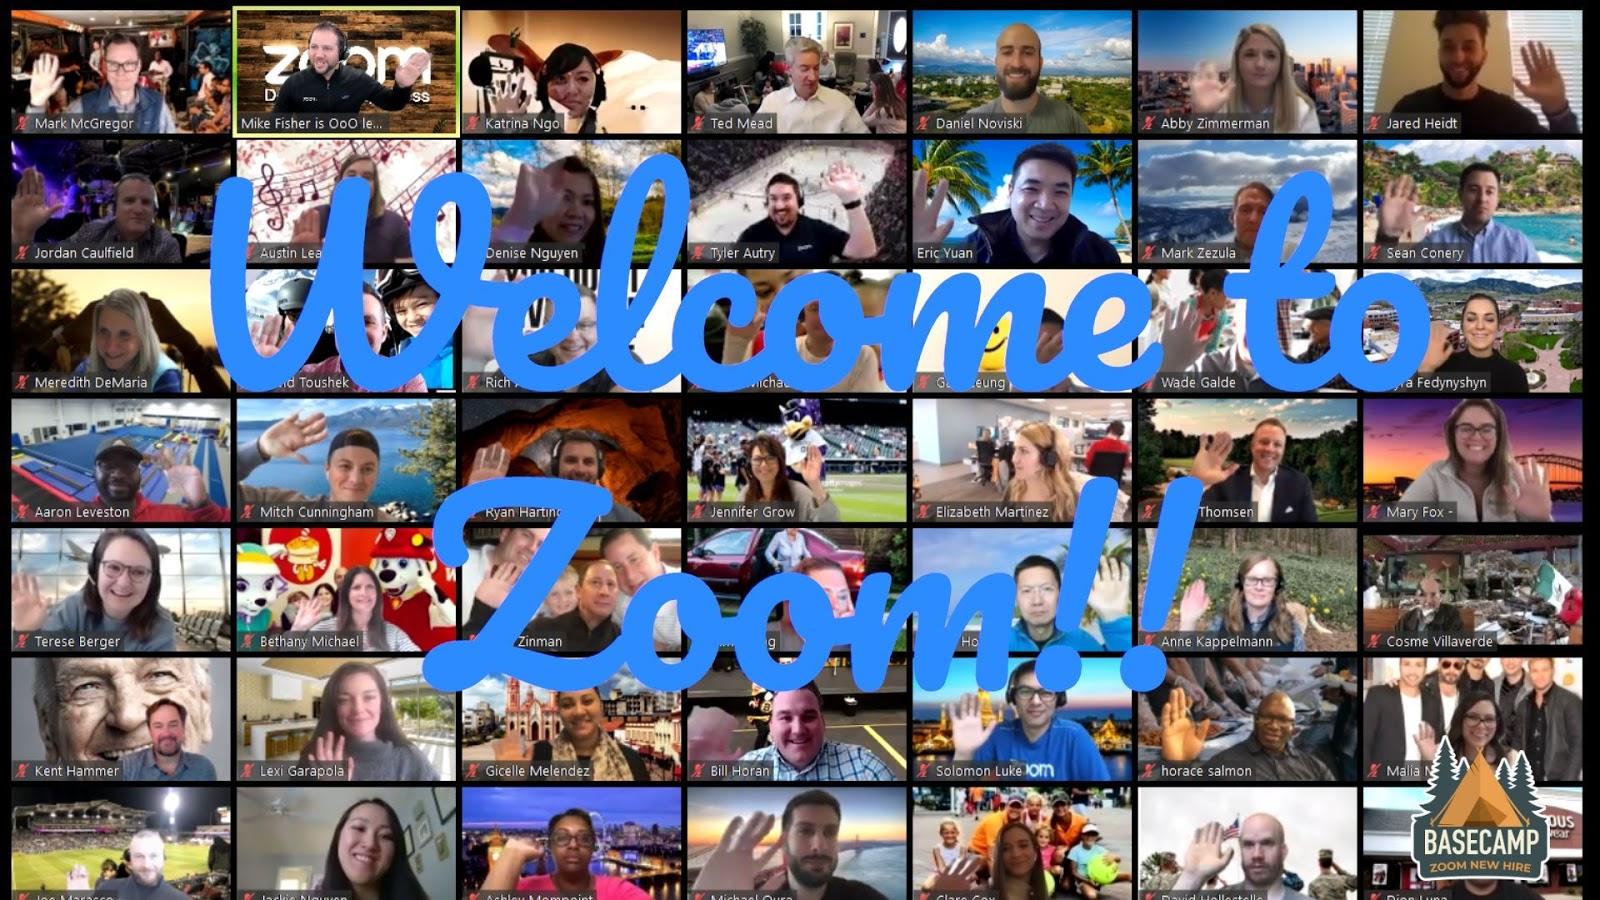 Zoom Basecamp